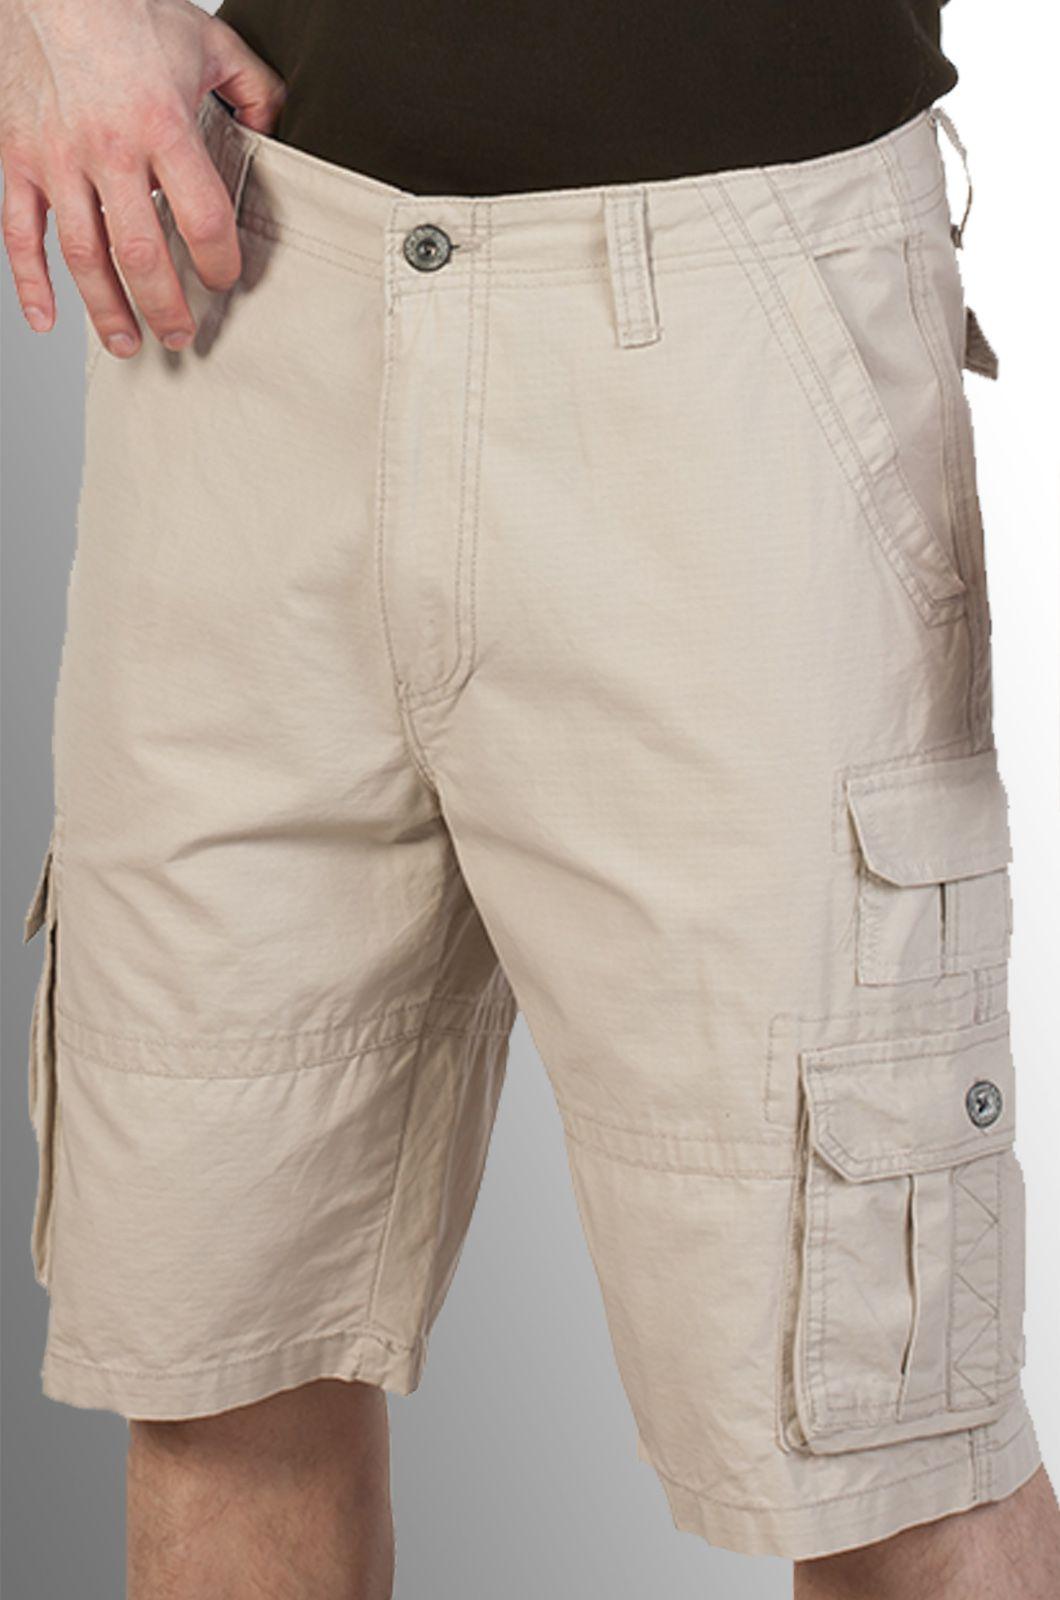 Модные белые шорты по выгодной цене